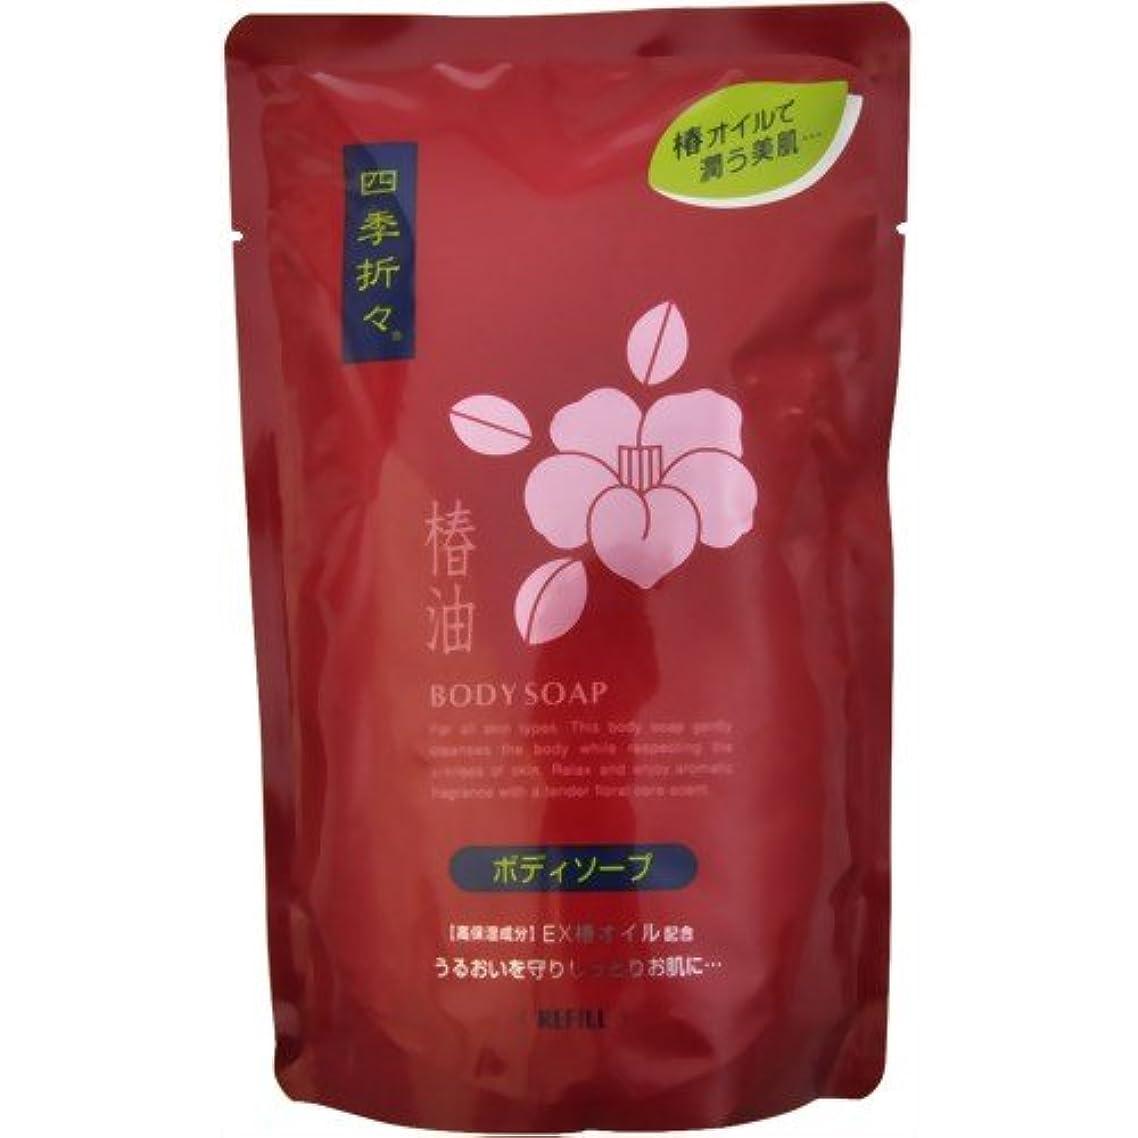 ブルり楕円形熊野油脂 四季折々 椿油ボディソープ つめかえ用 450ml